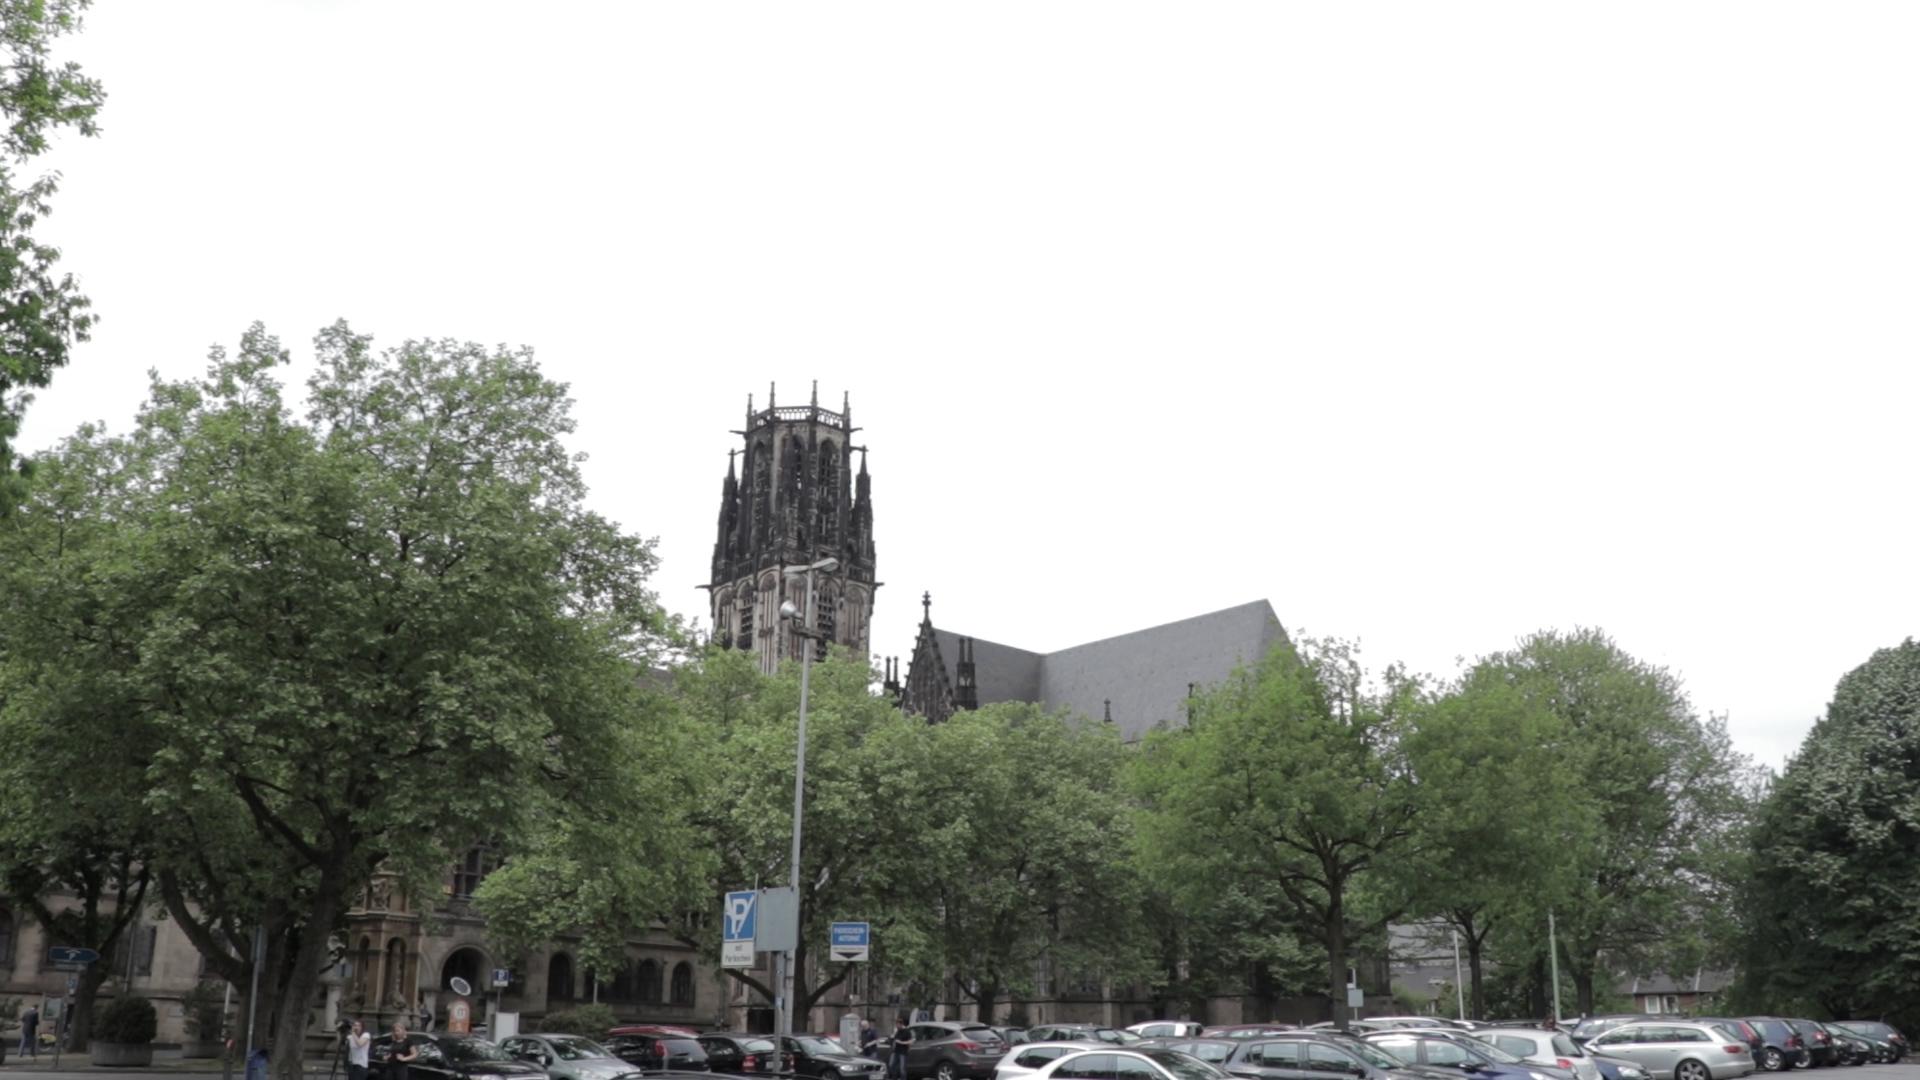 Baumschutz in Duisburg – Wiedereinführung in Aussicht?